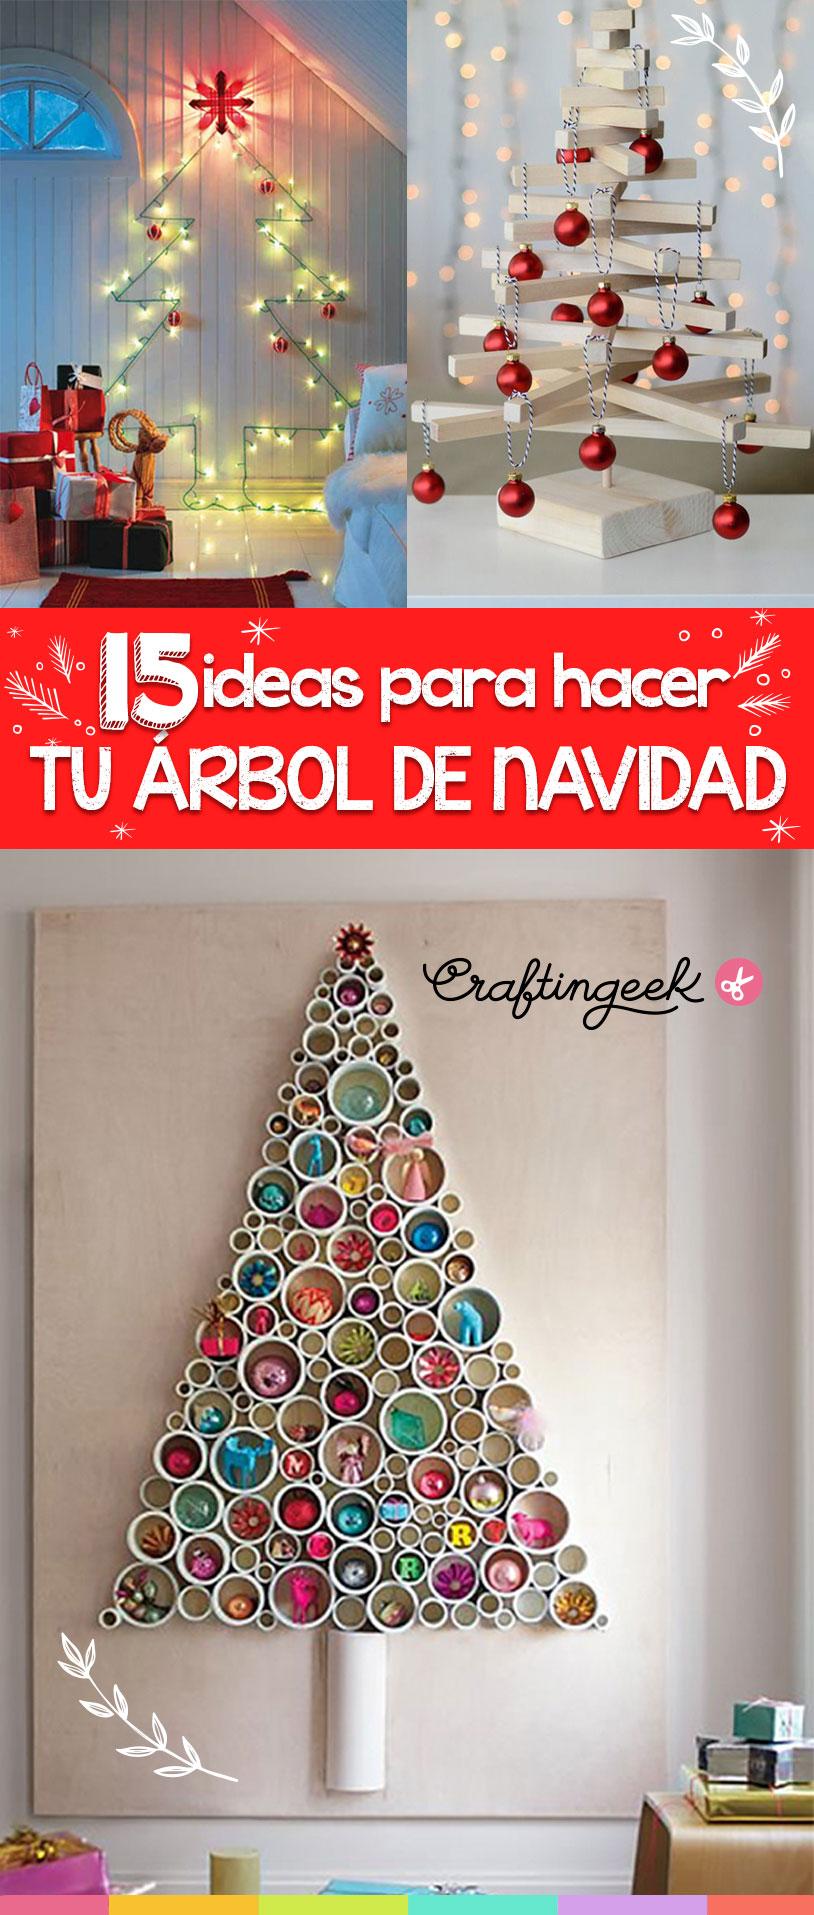 15 ideas para hacer tu propio rbol de navidad craftingeek - Cosas de navidad para hacer en casa ...